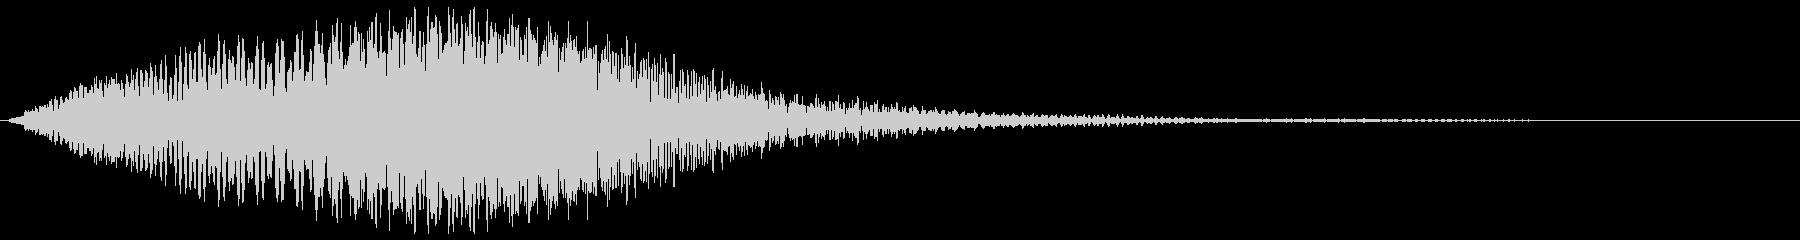 スペーシーなオープニング効果音の未再生の波形